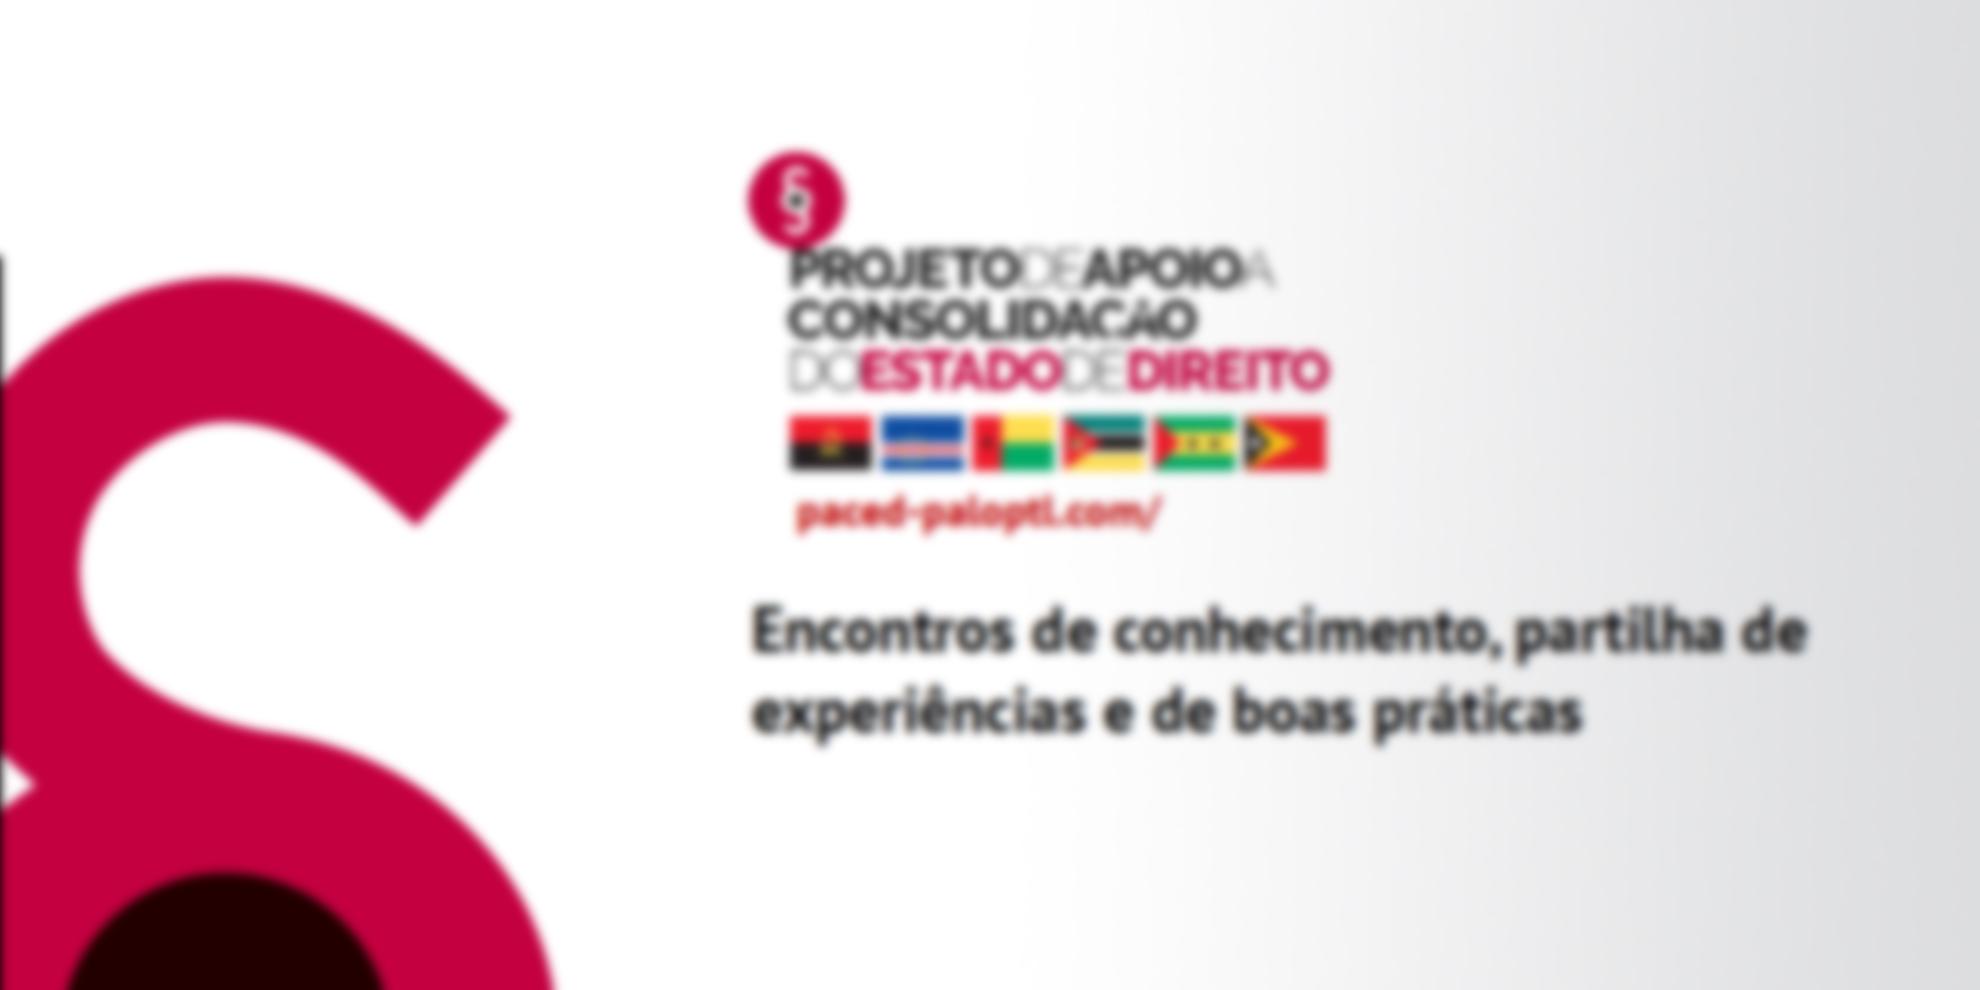 Prevenir e lutar eficazmente contra a corrupção, branqueamento de capitais e crime organizado